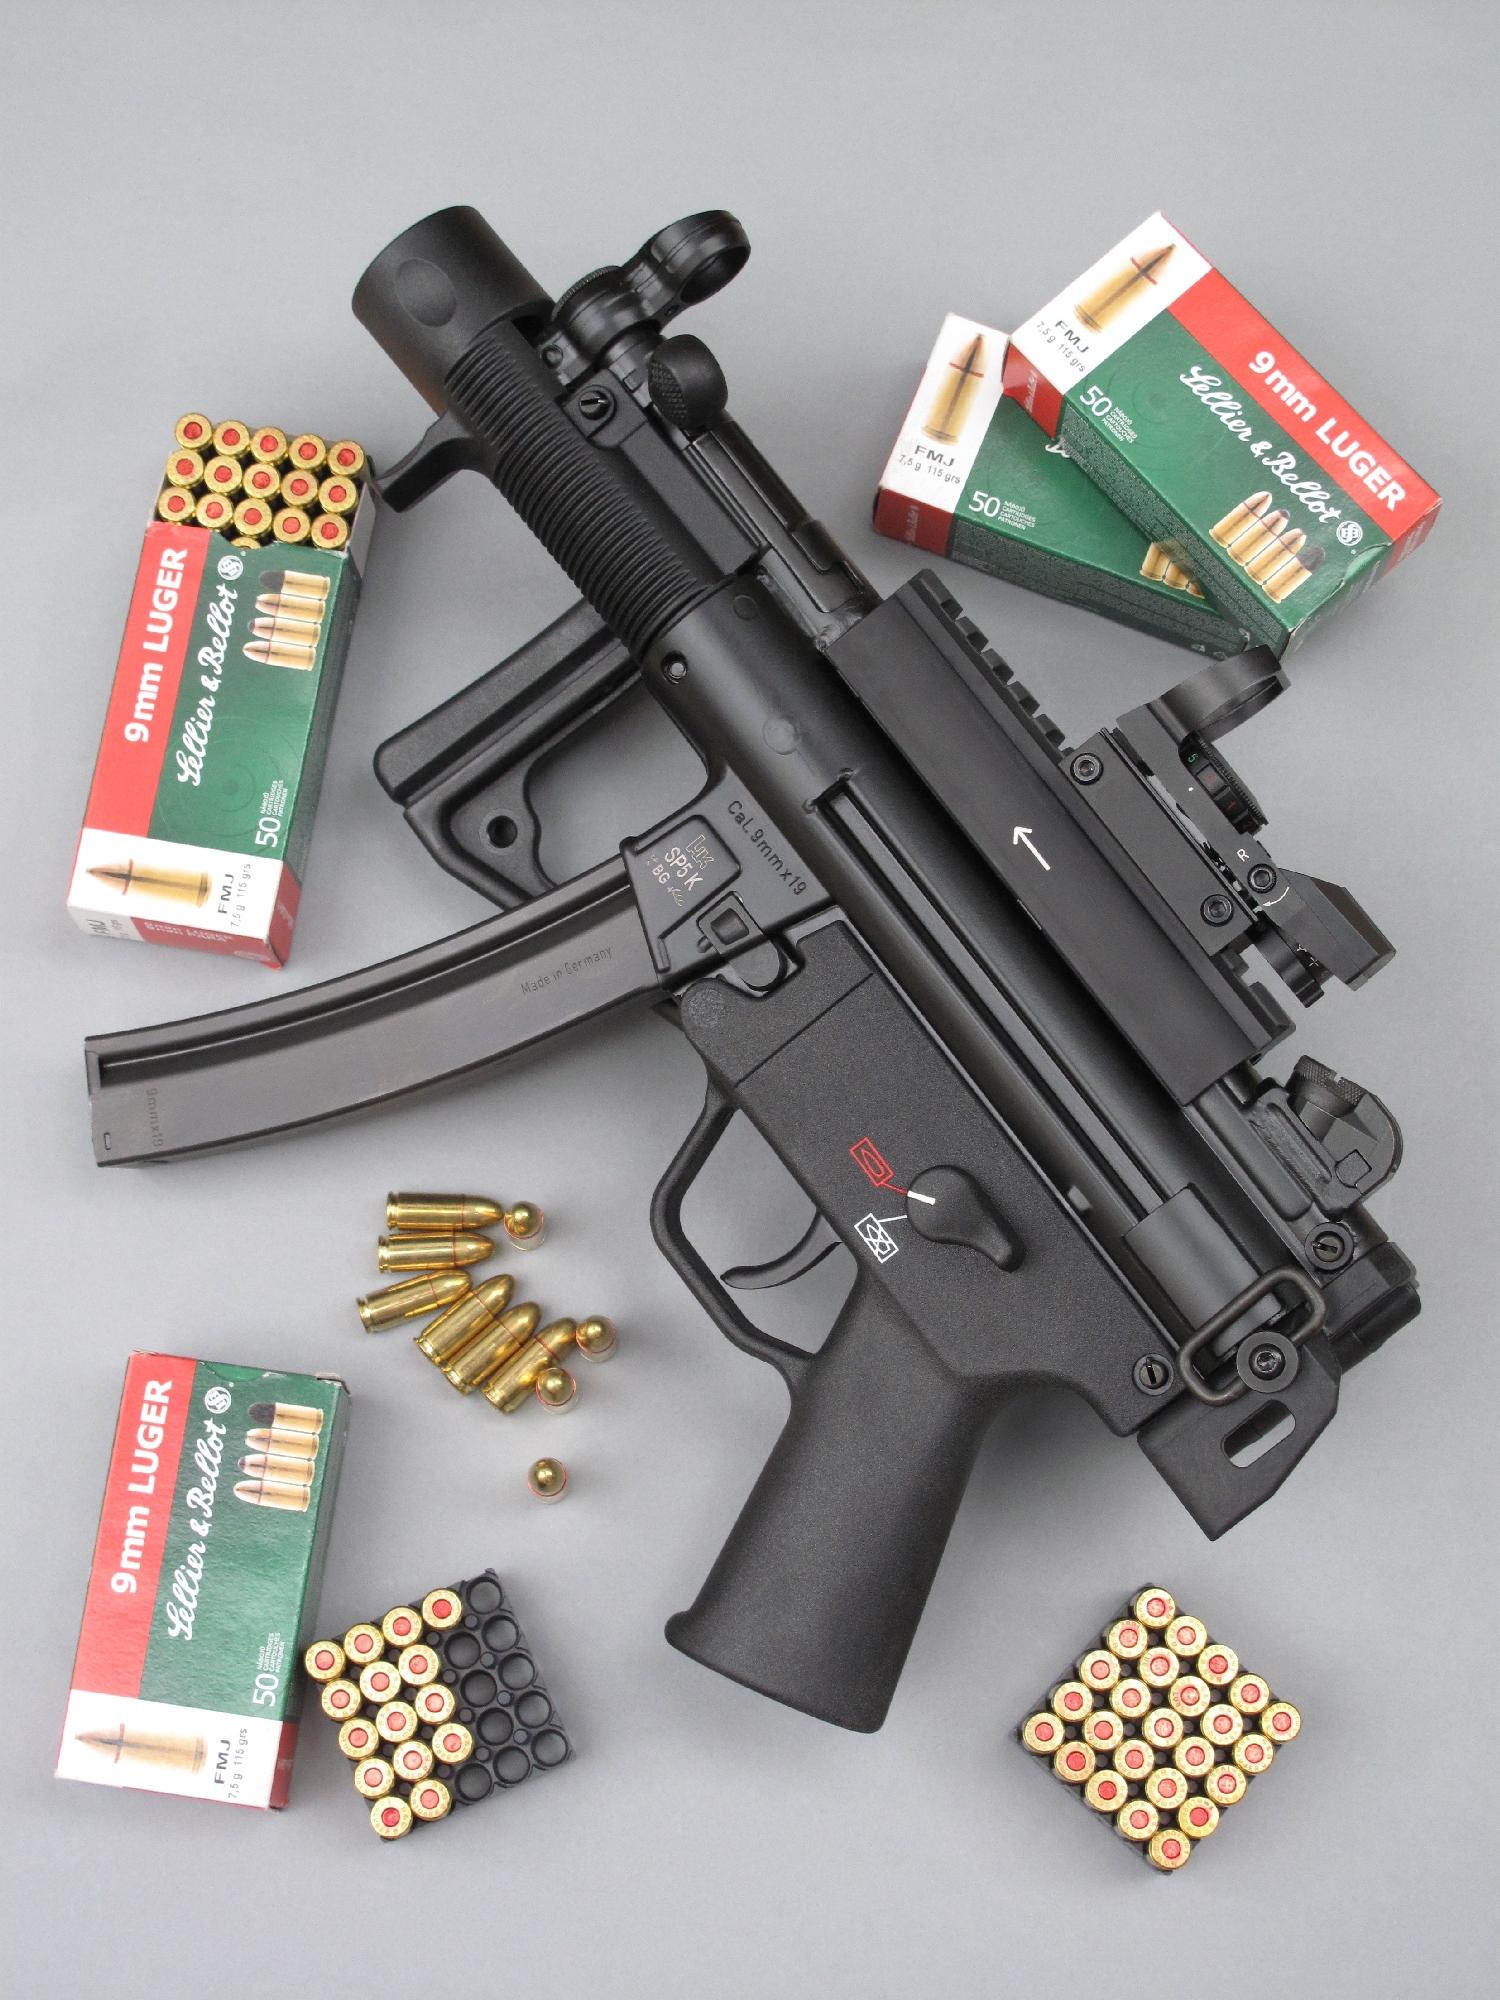 Dérivé du célèbre pistolet mitrailleur HK MP5, ce modèle SP5 K à usage civil se présente comme une carabine semi-automatique compacte, chambrée en calibre 9 mm Parabellum et alimentée par un chargeur de 30 coups.